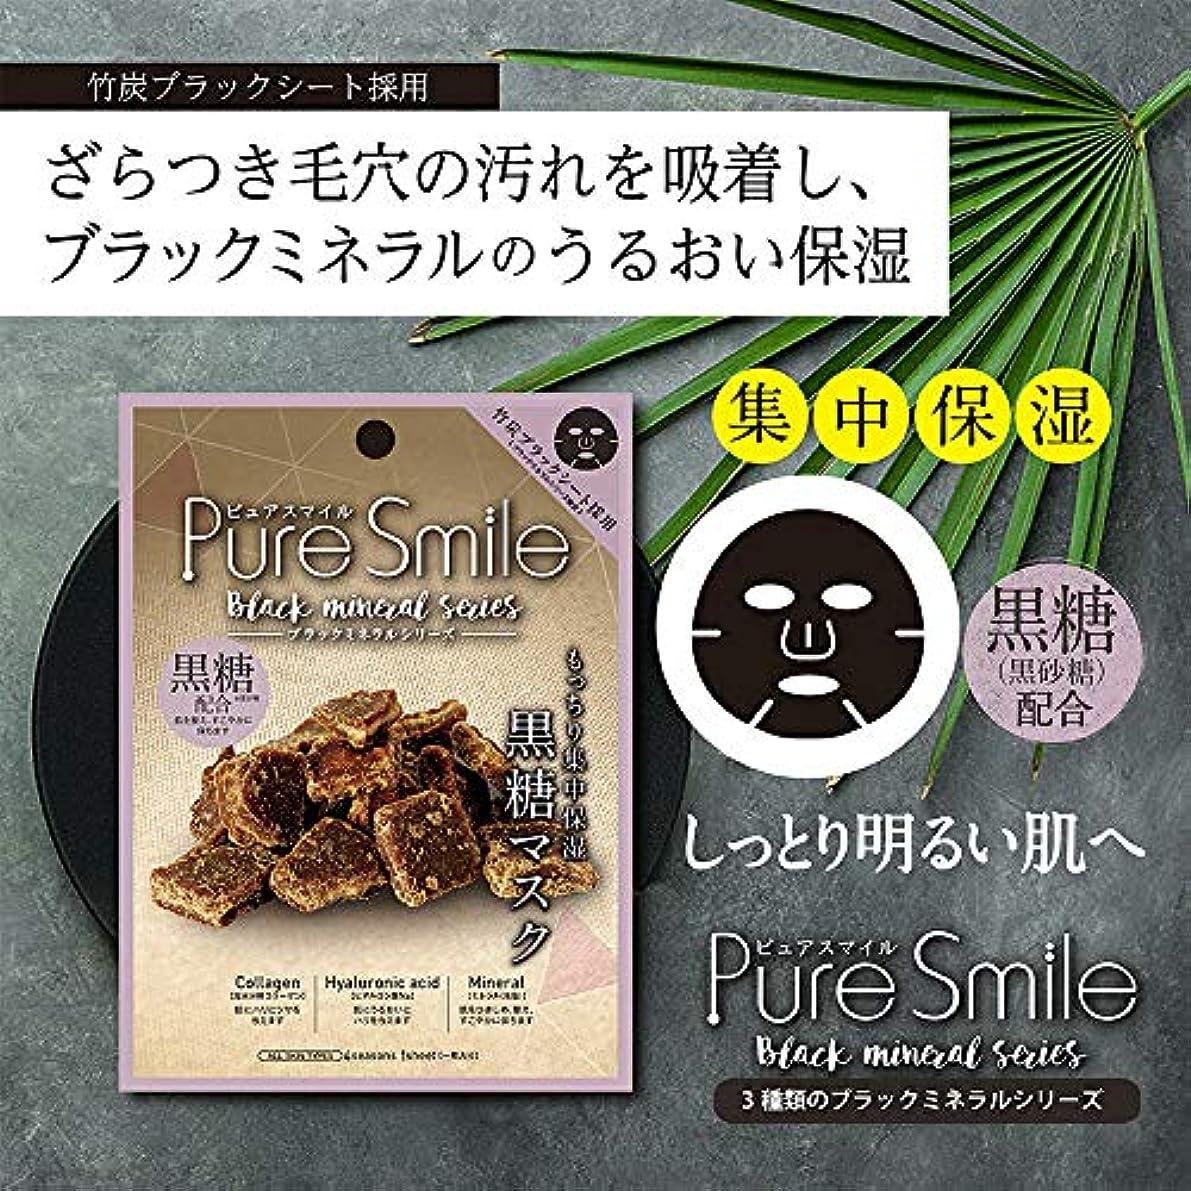 完全に乾くバッチ散逸Pure Smile(ピュアスマイル) エッセンスマスク 『ブラックミネラルシリーズ』 (黒糖) フェイスマスク パック